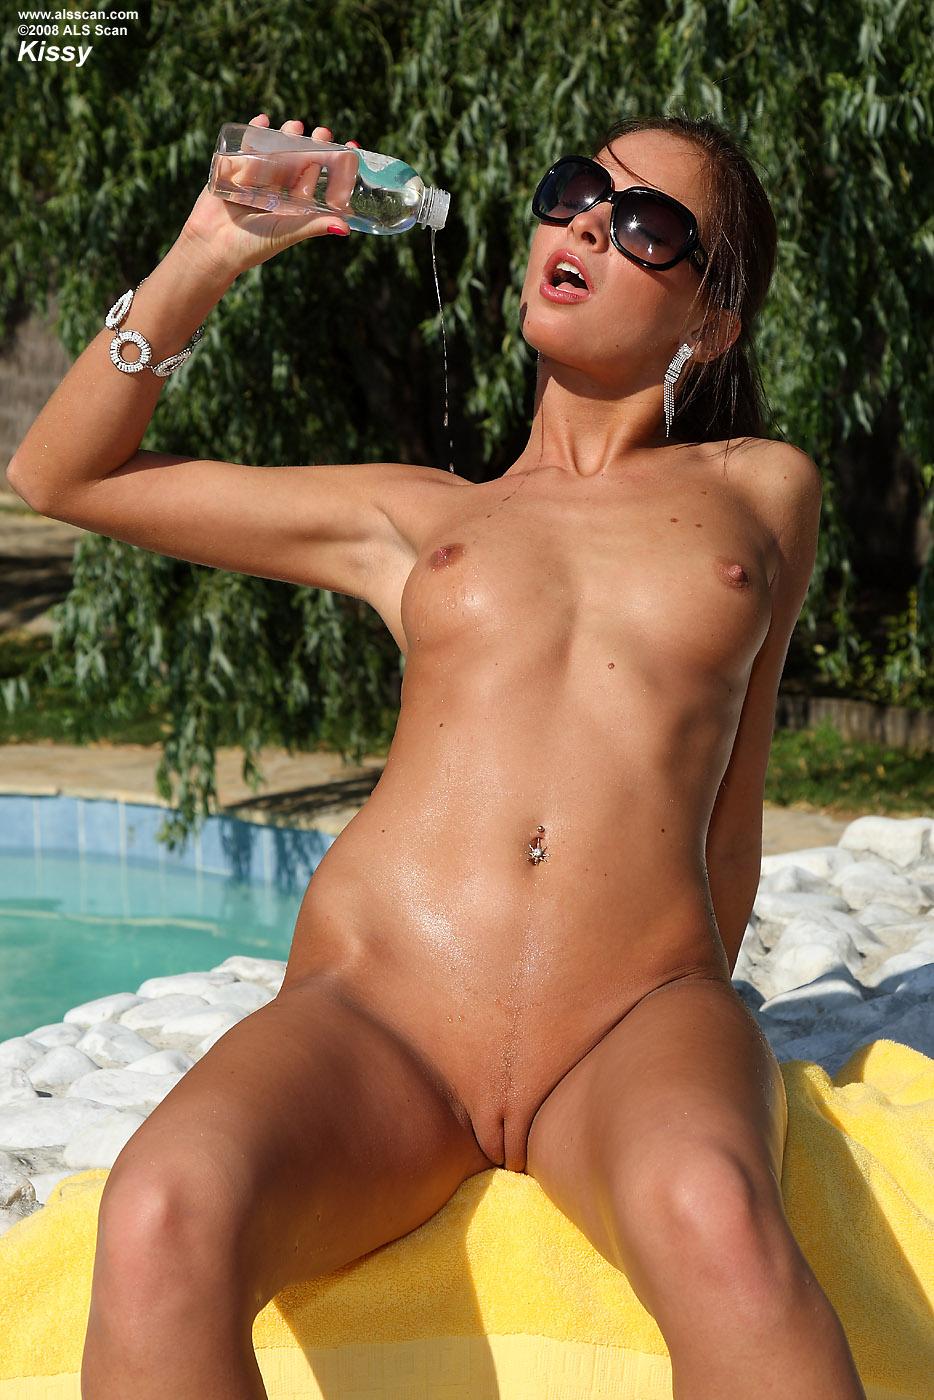 depilyatsiya-bikini-porno